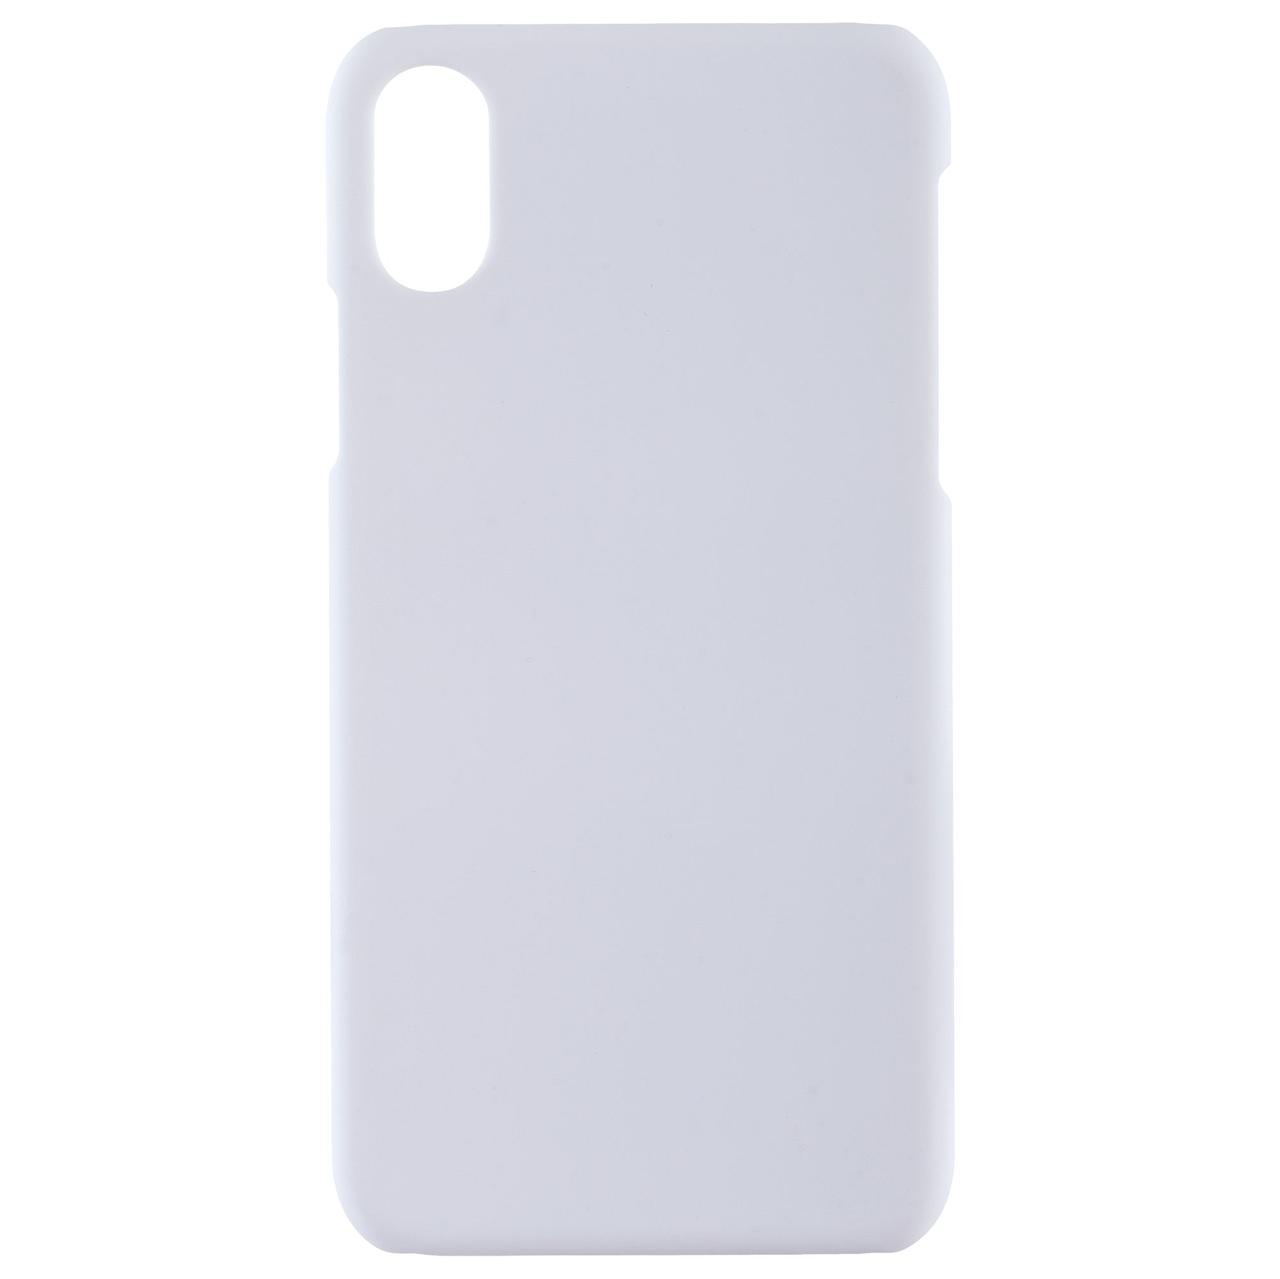 Чехол Exсellence для iPhone X, пластиковый, белый